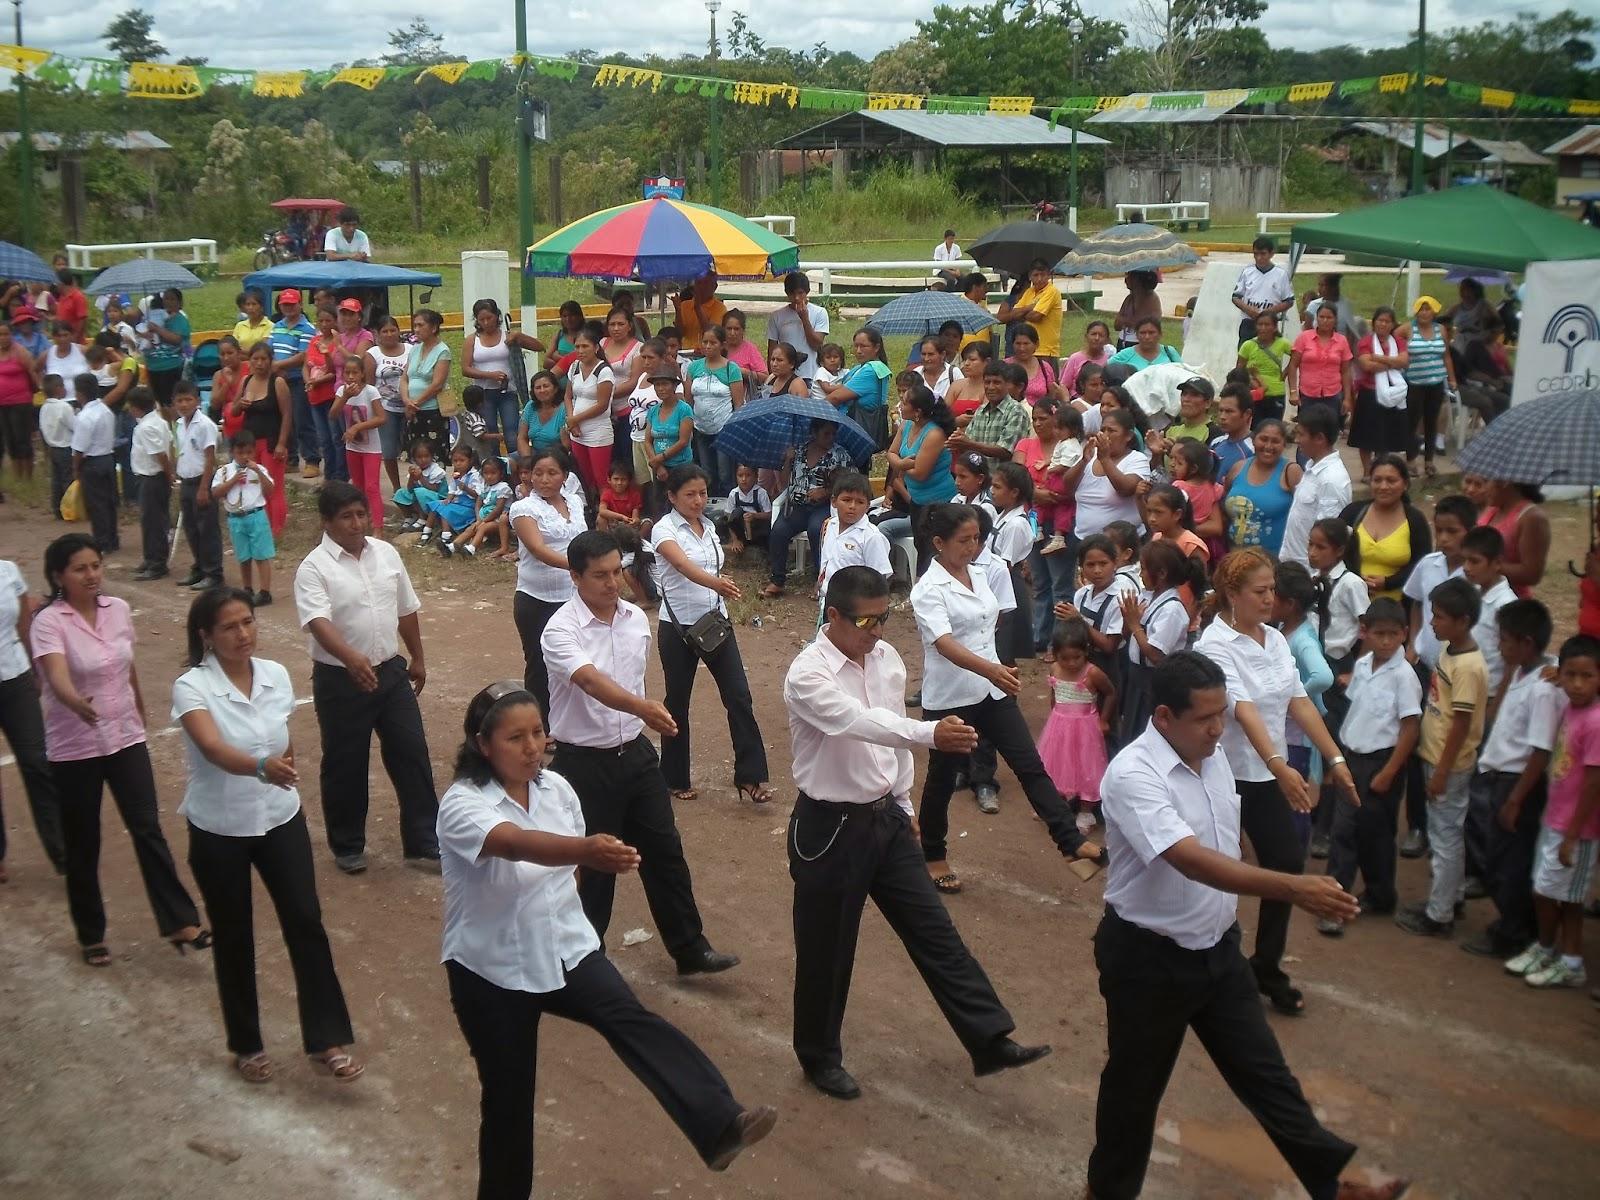 475f59a7cb El día de hoy el Centro Poblado de Boquerón celebro su 16 aniversario de  creación